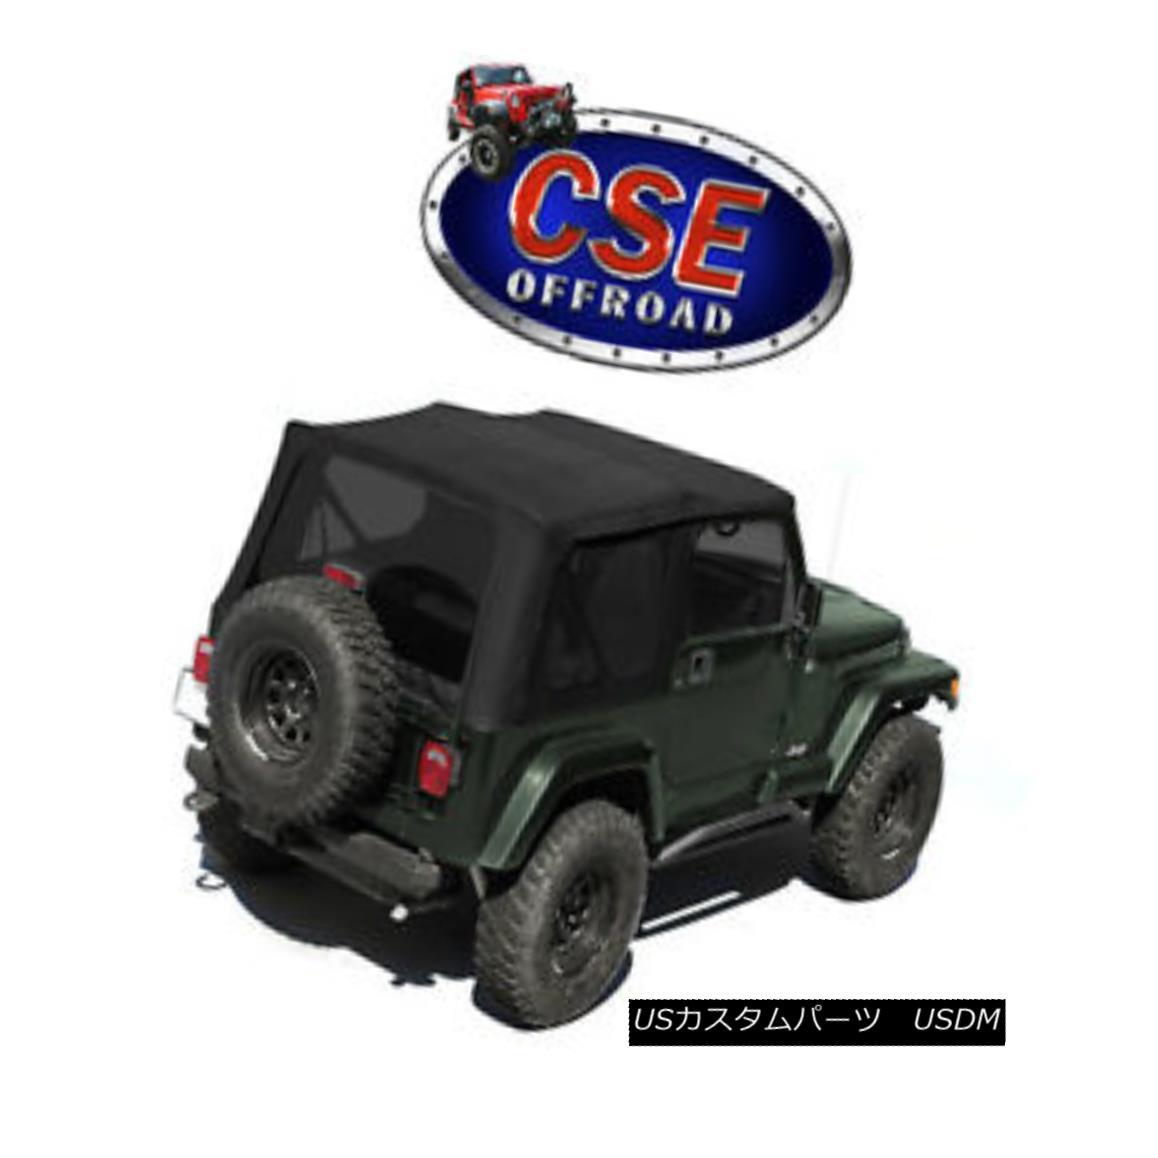 幌・ソフトトップ 17322.35 XHD Black Diamond Soft Top With Door Skins, Tint Jeep Wrangler 1988-95 17322.35 XHDブラックダイヤモンドソフトトップ、ドアスキン、ティントジープラングラー1988-95